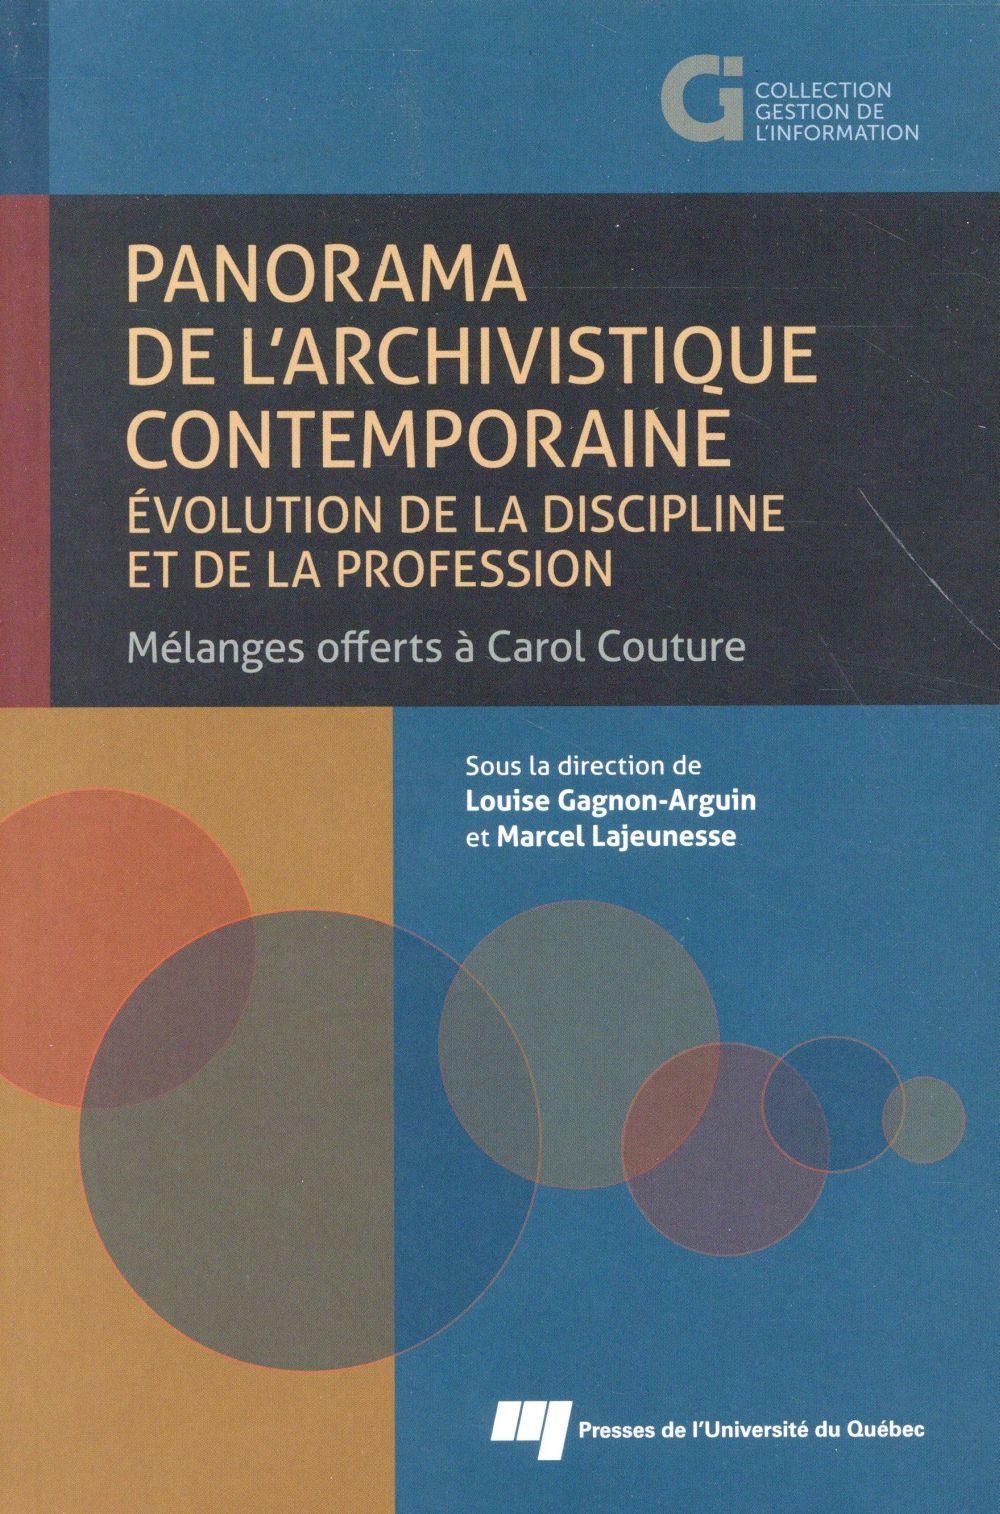 Panorama de l'archivistique contemporaine: évolution de la discipline et de la profession, Mélanges offerts à Carol Couture